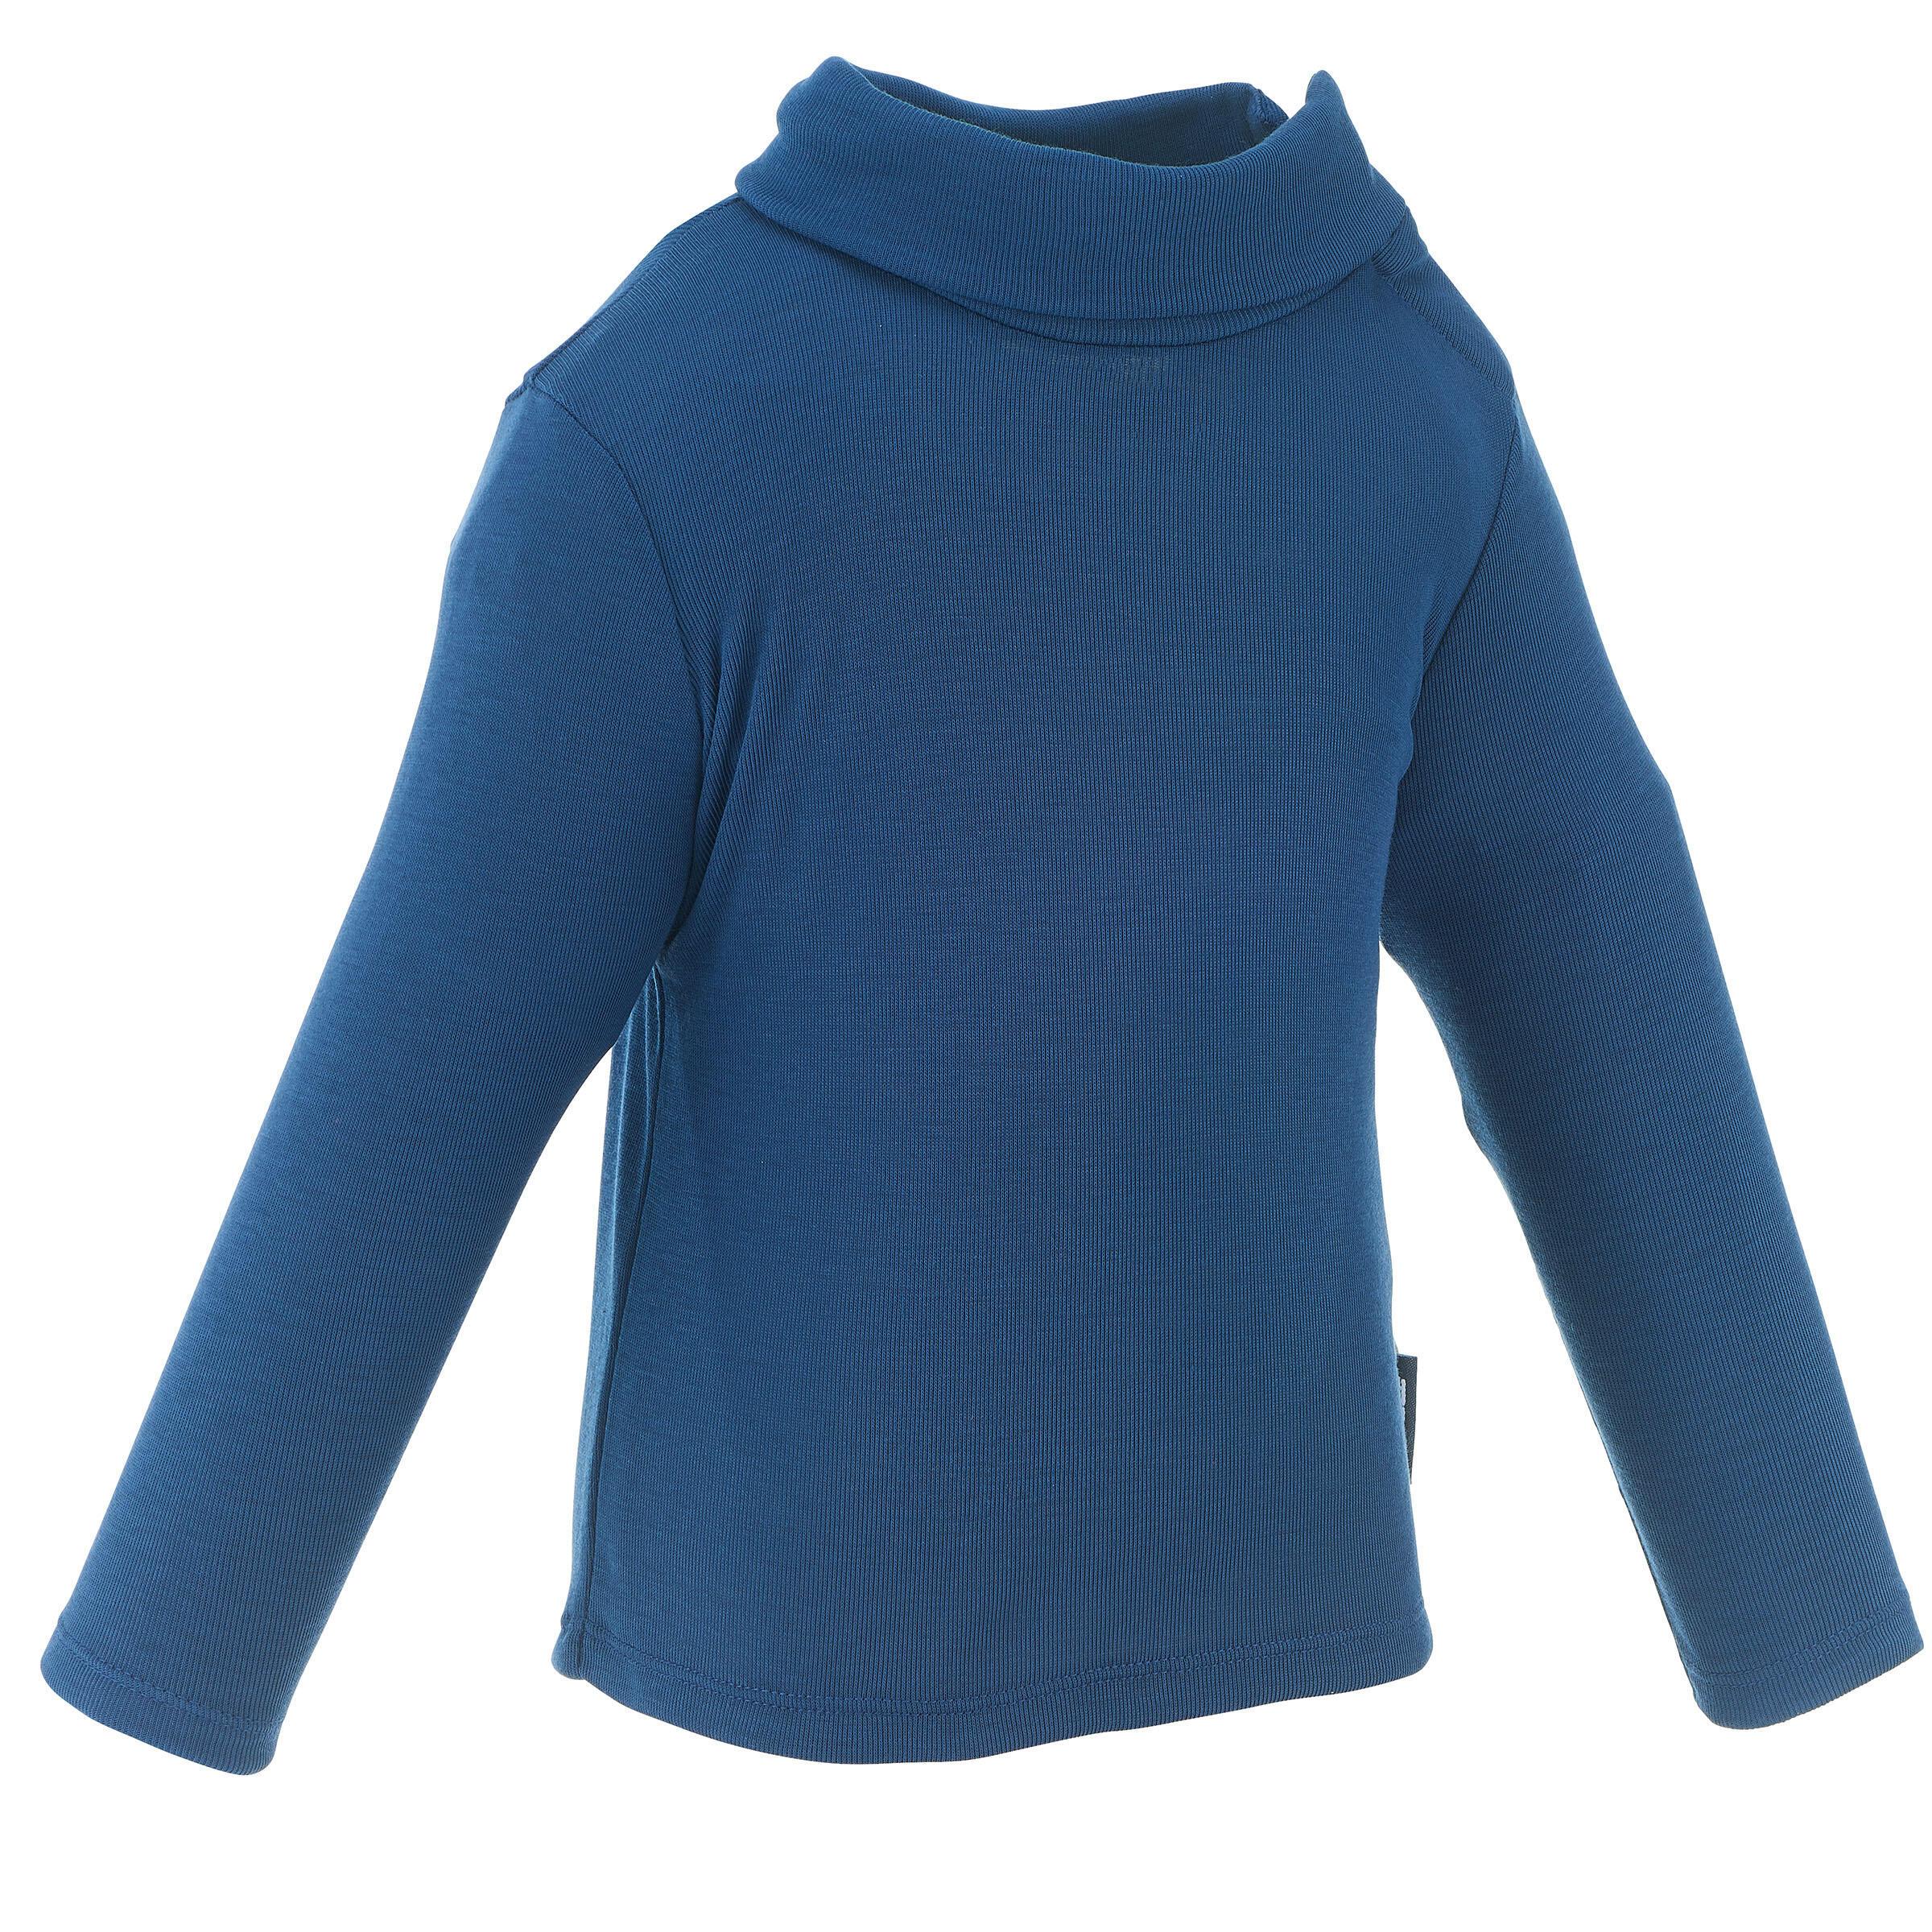 Wed'ze Thermoshirtje voor sleeën Simple Warm marineblauw baby